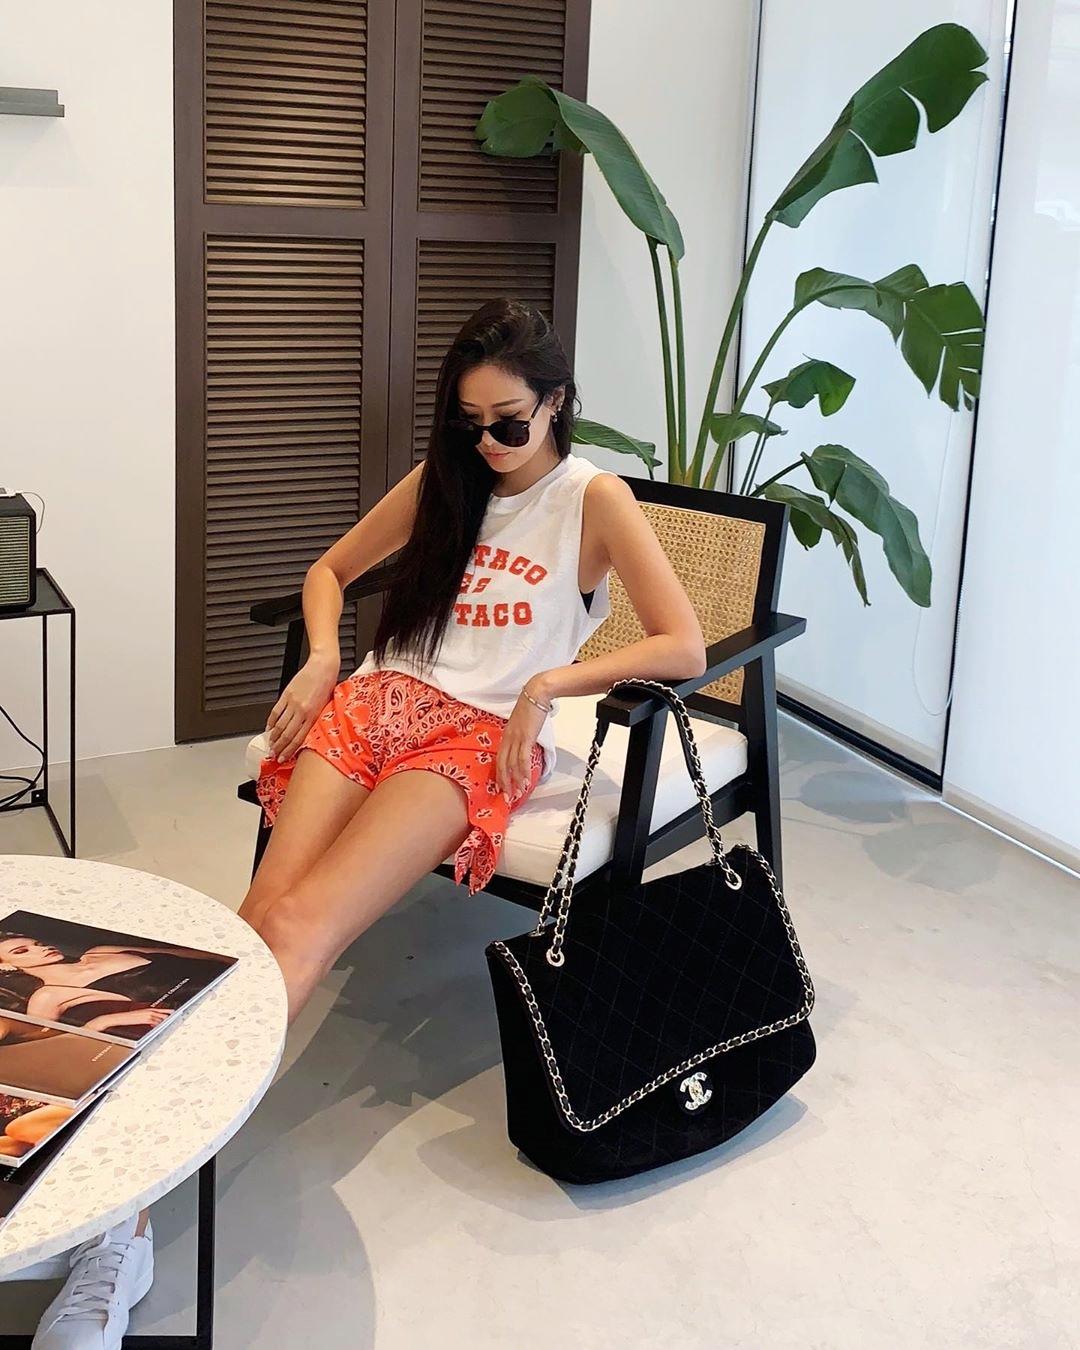 Aimee Sun - con gái cựu chủ tịch tập đoàn viễn thông Pacific Electric Wire & Cable - khoe phụ kiện tương tự trên trang cá nhân. Cô còn sở hữu hàng chục thiết kế đắt đỏ của Chanel. Người đẹp vừa là nhà thiết kế trang sức, người mẫu quảng cáo, doanh nhân và là đồng sáng lập Breeze Center - trung tâm thương mại lớn ở Đài Bắc. Cô thu hút gần một triệu lượt theo dõi trên Instagram nhờ gu mặc sành điệu, thường ngồi hàng ghế đầu trong các sự kiện thời trang quốc tế.